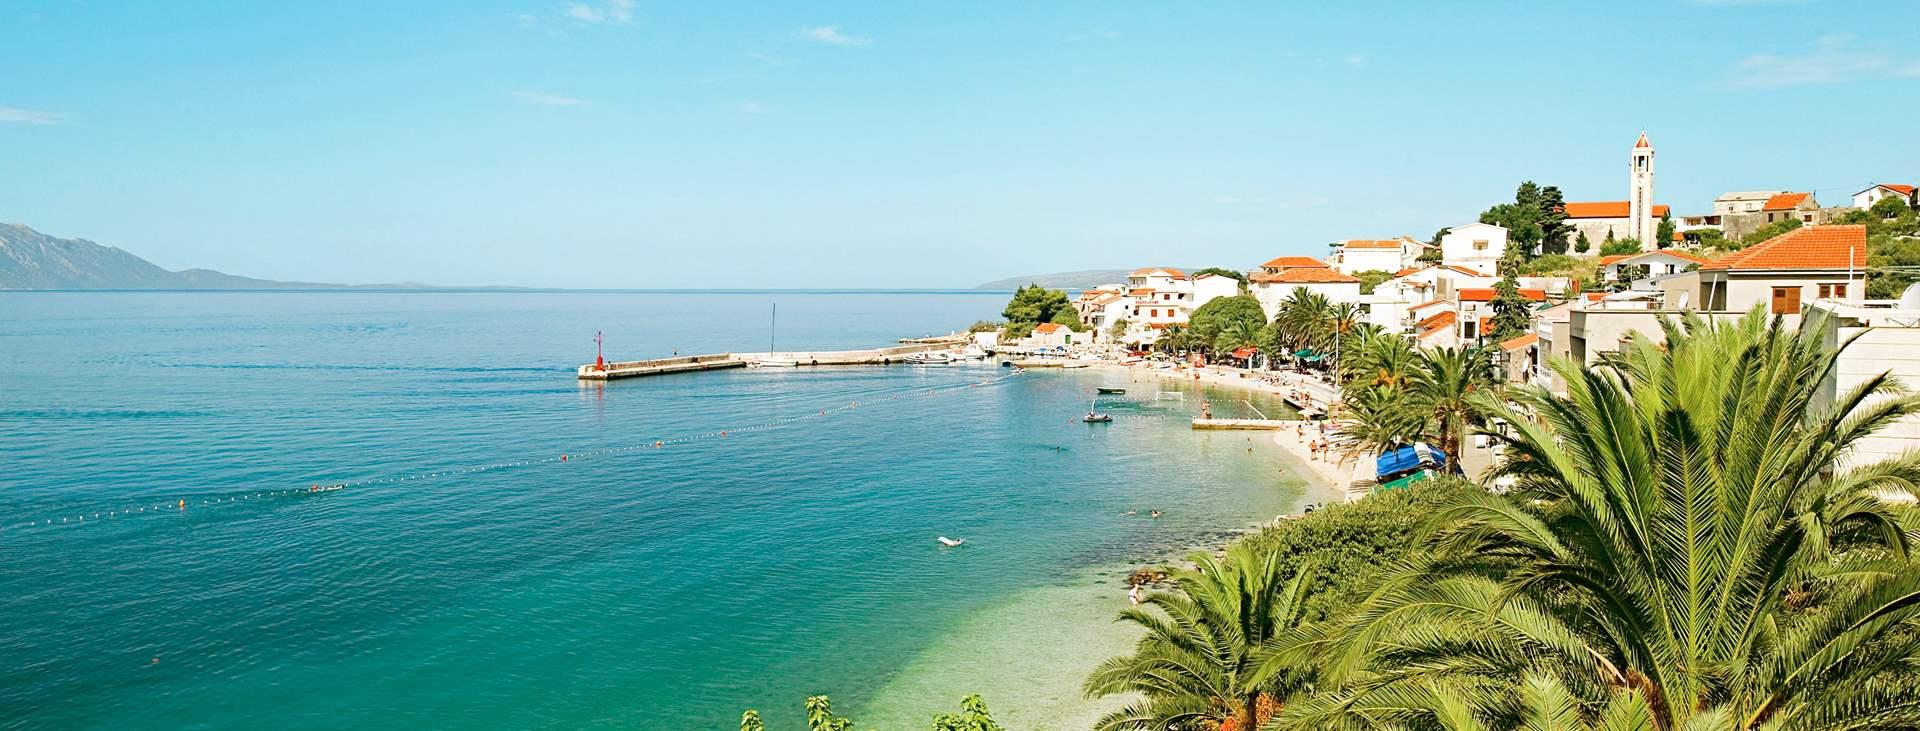 Reiser til Gradac på Makarska Riviera i Kroatia